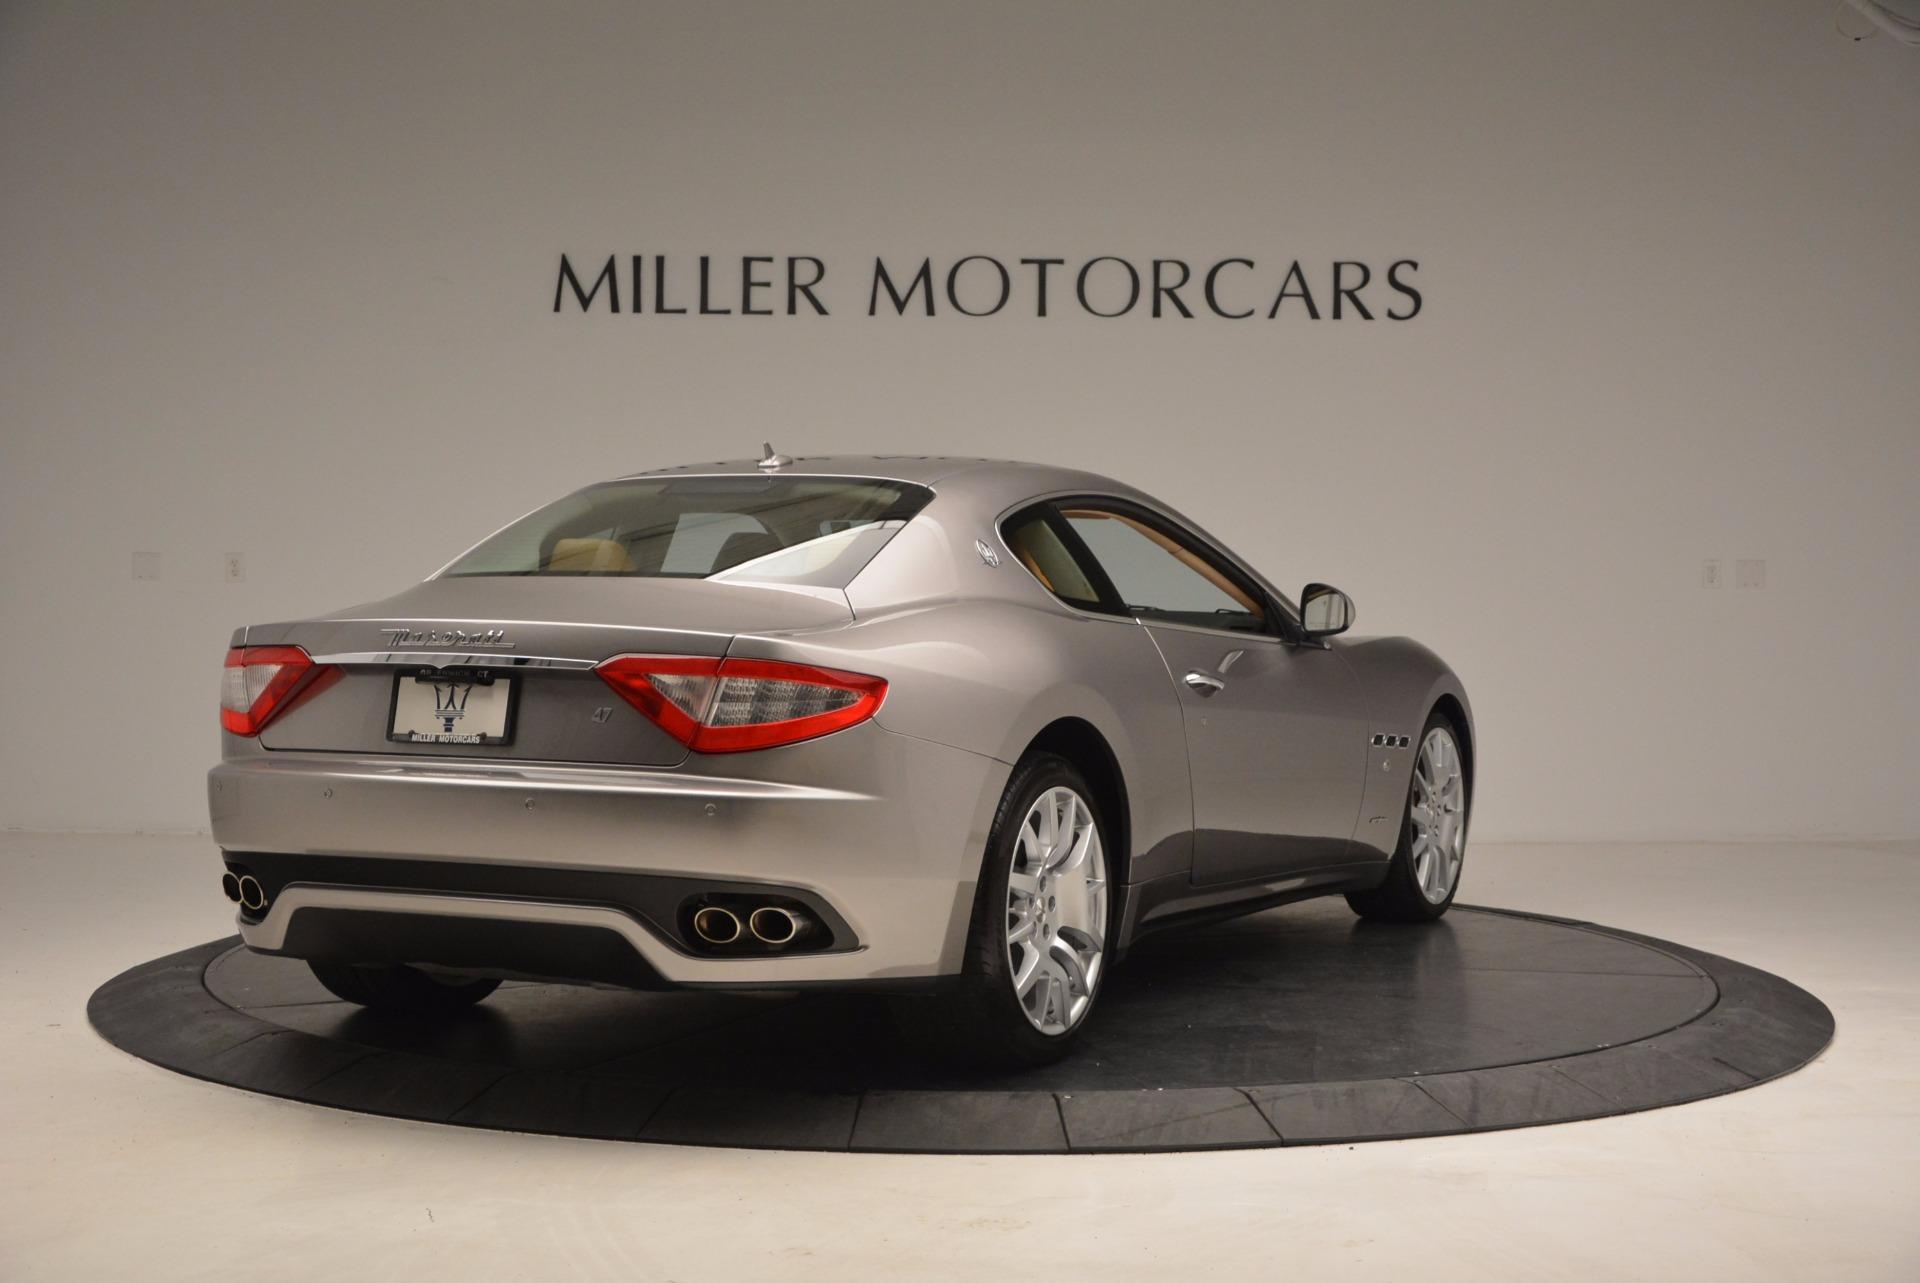 Used 2009 Maserati GranTurismo S For Sale In Greenwich, CT. Alfa Romeo of Greenwich, 7178 1063_p7